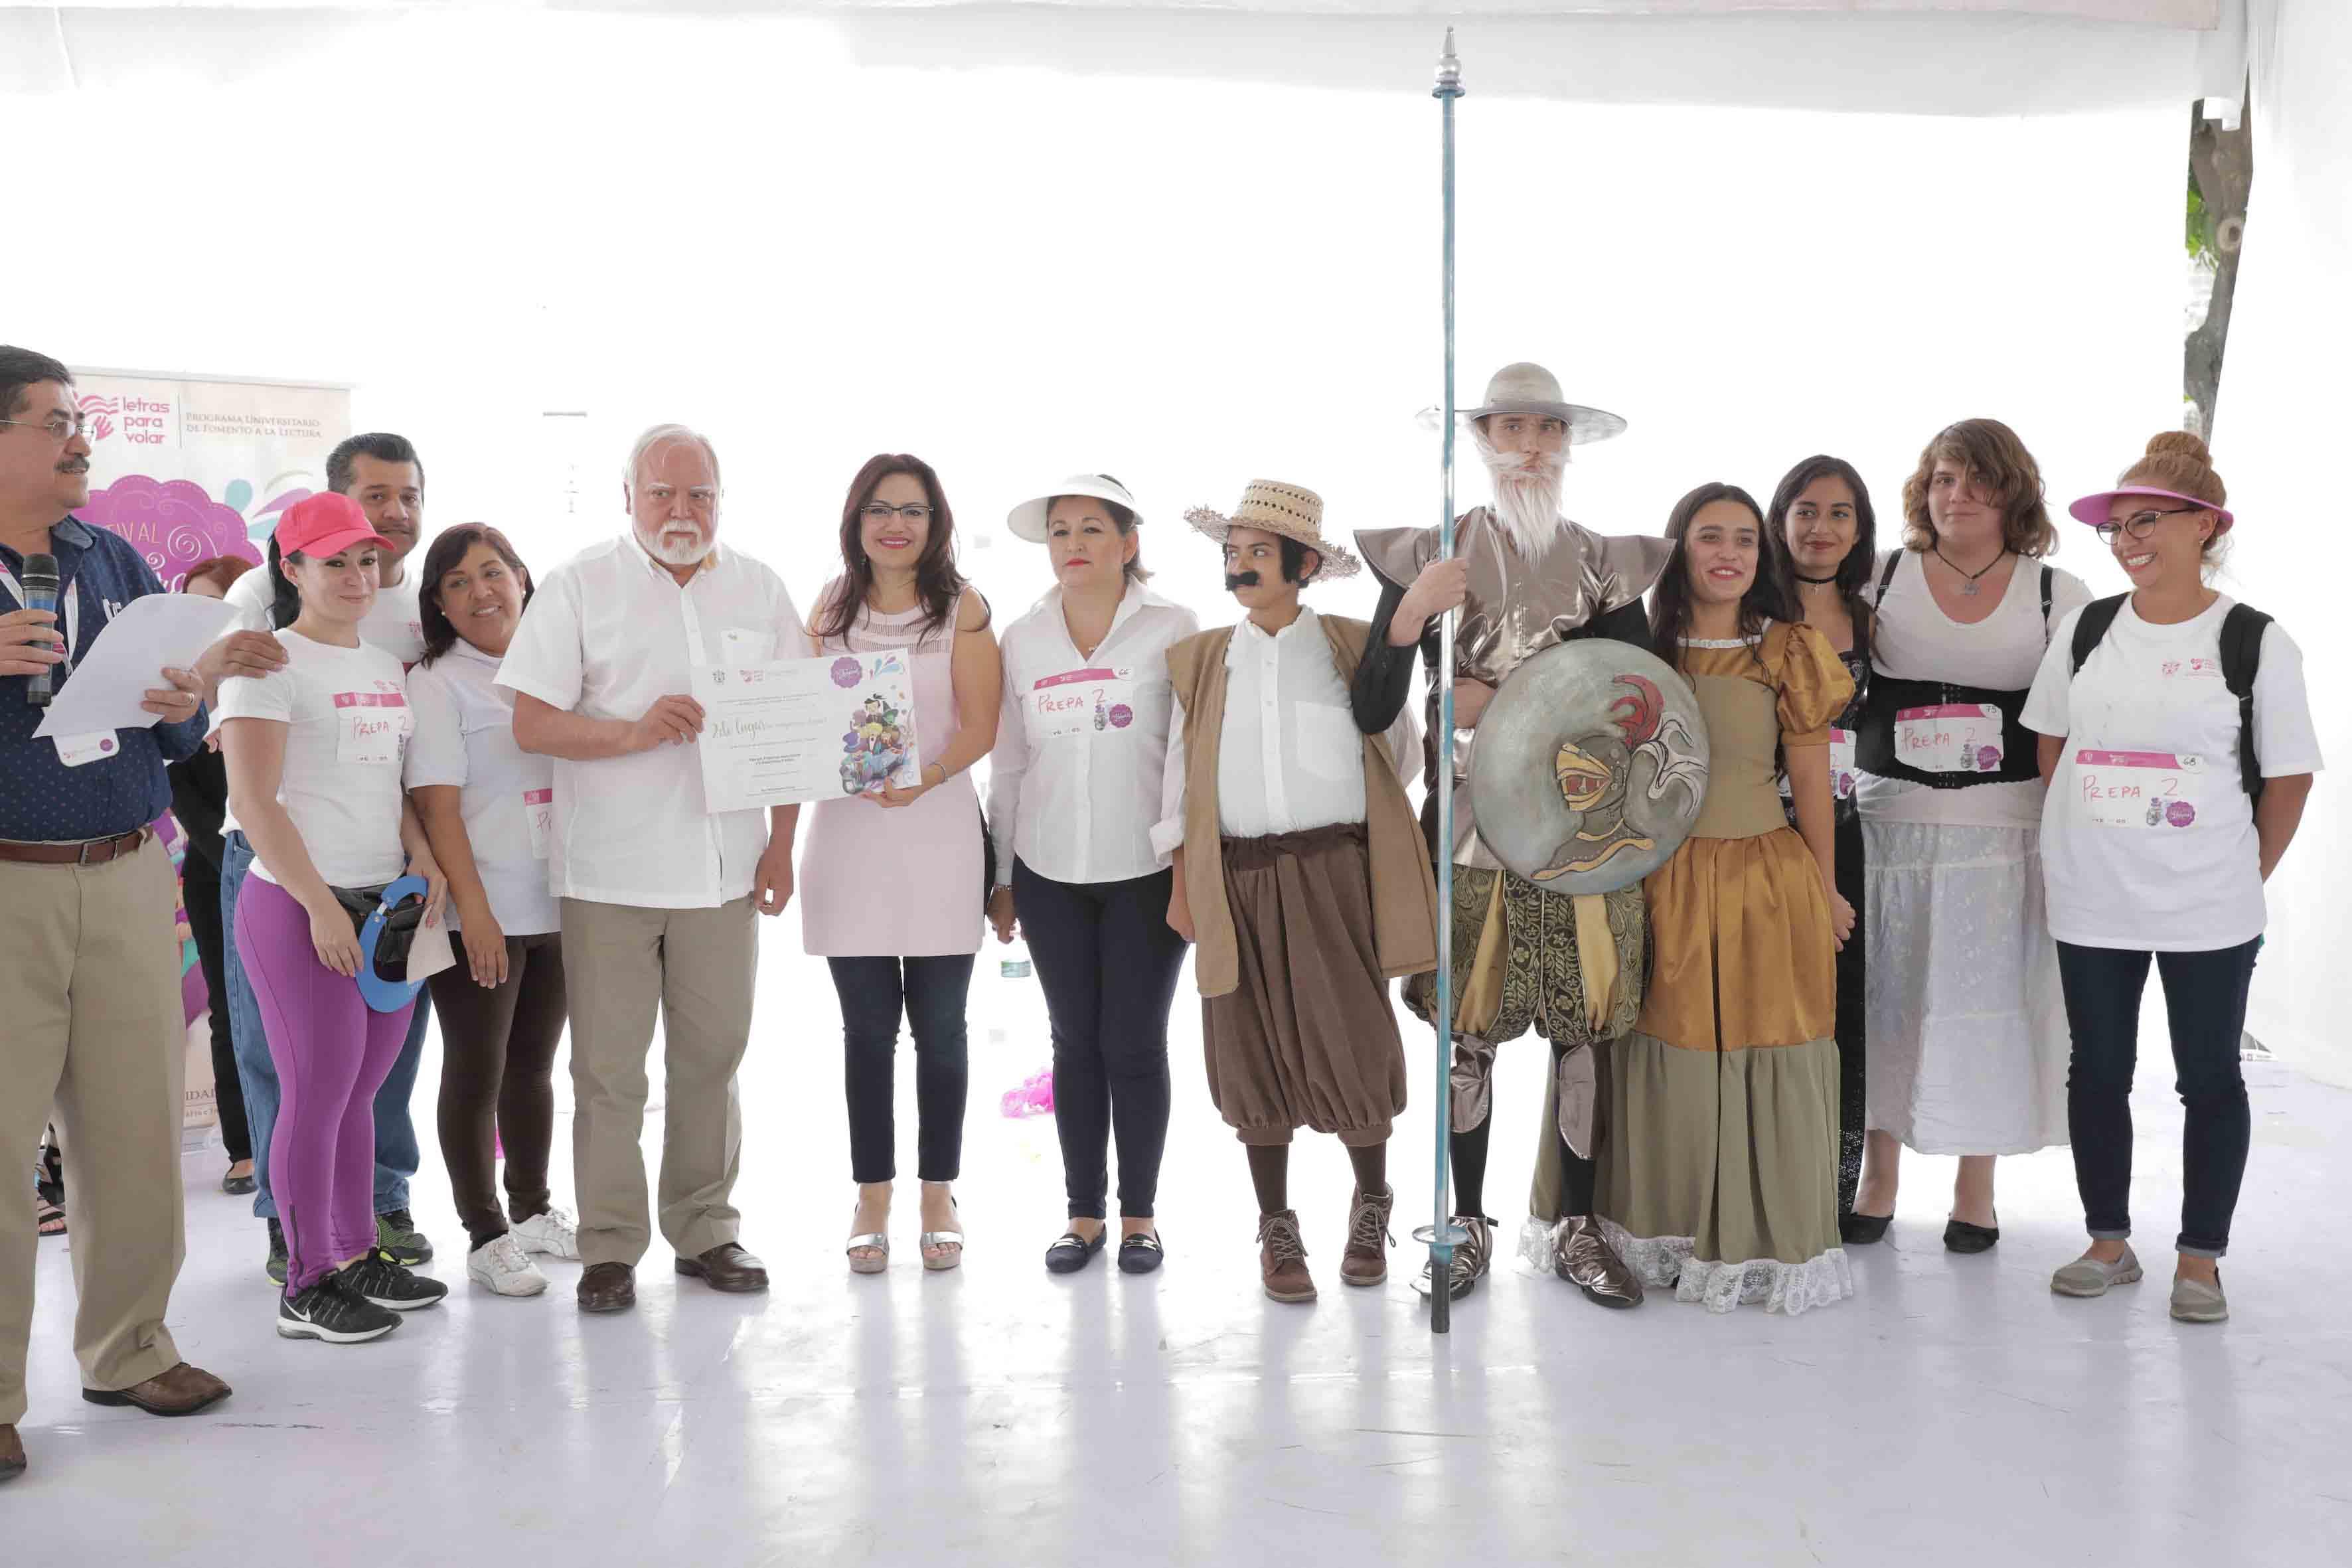 """Ceremonia de premiación del Segundo lugar, como categoría juvenil para la obra """"Don Quijote de la Mancha"""", representada por la Preparatoria 2."""